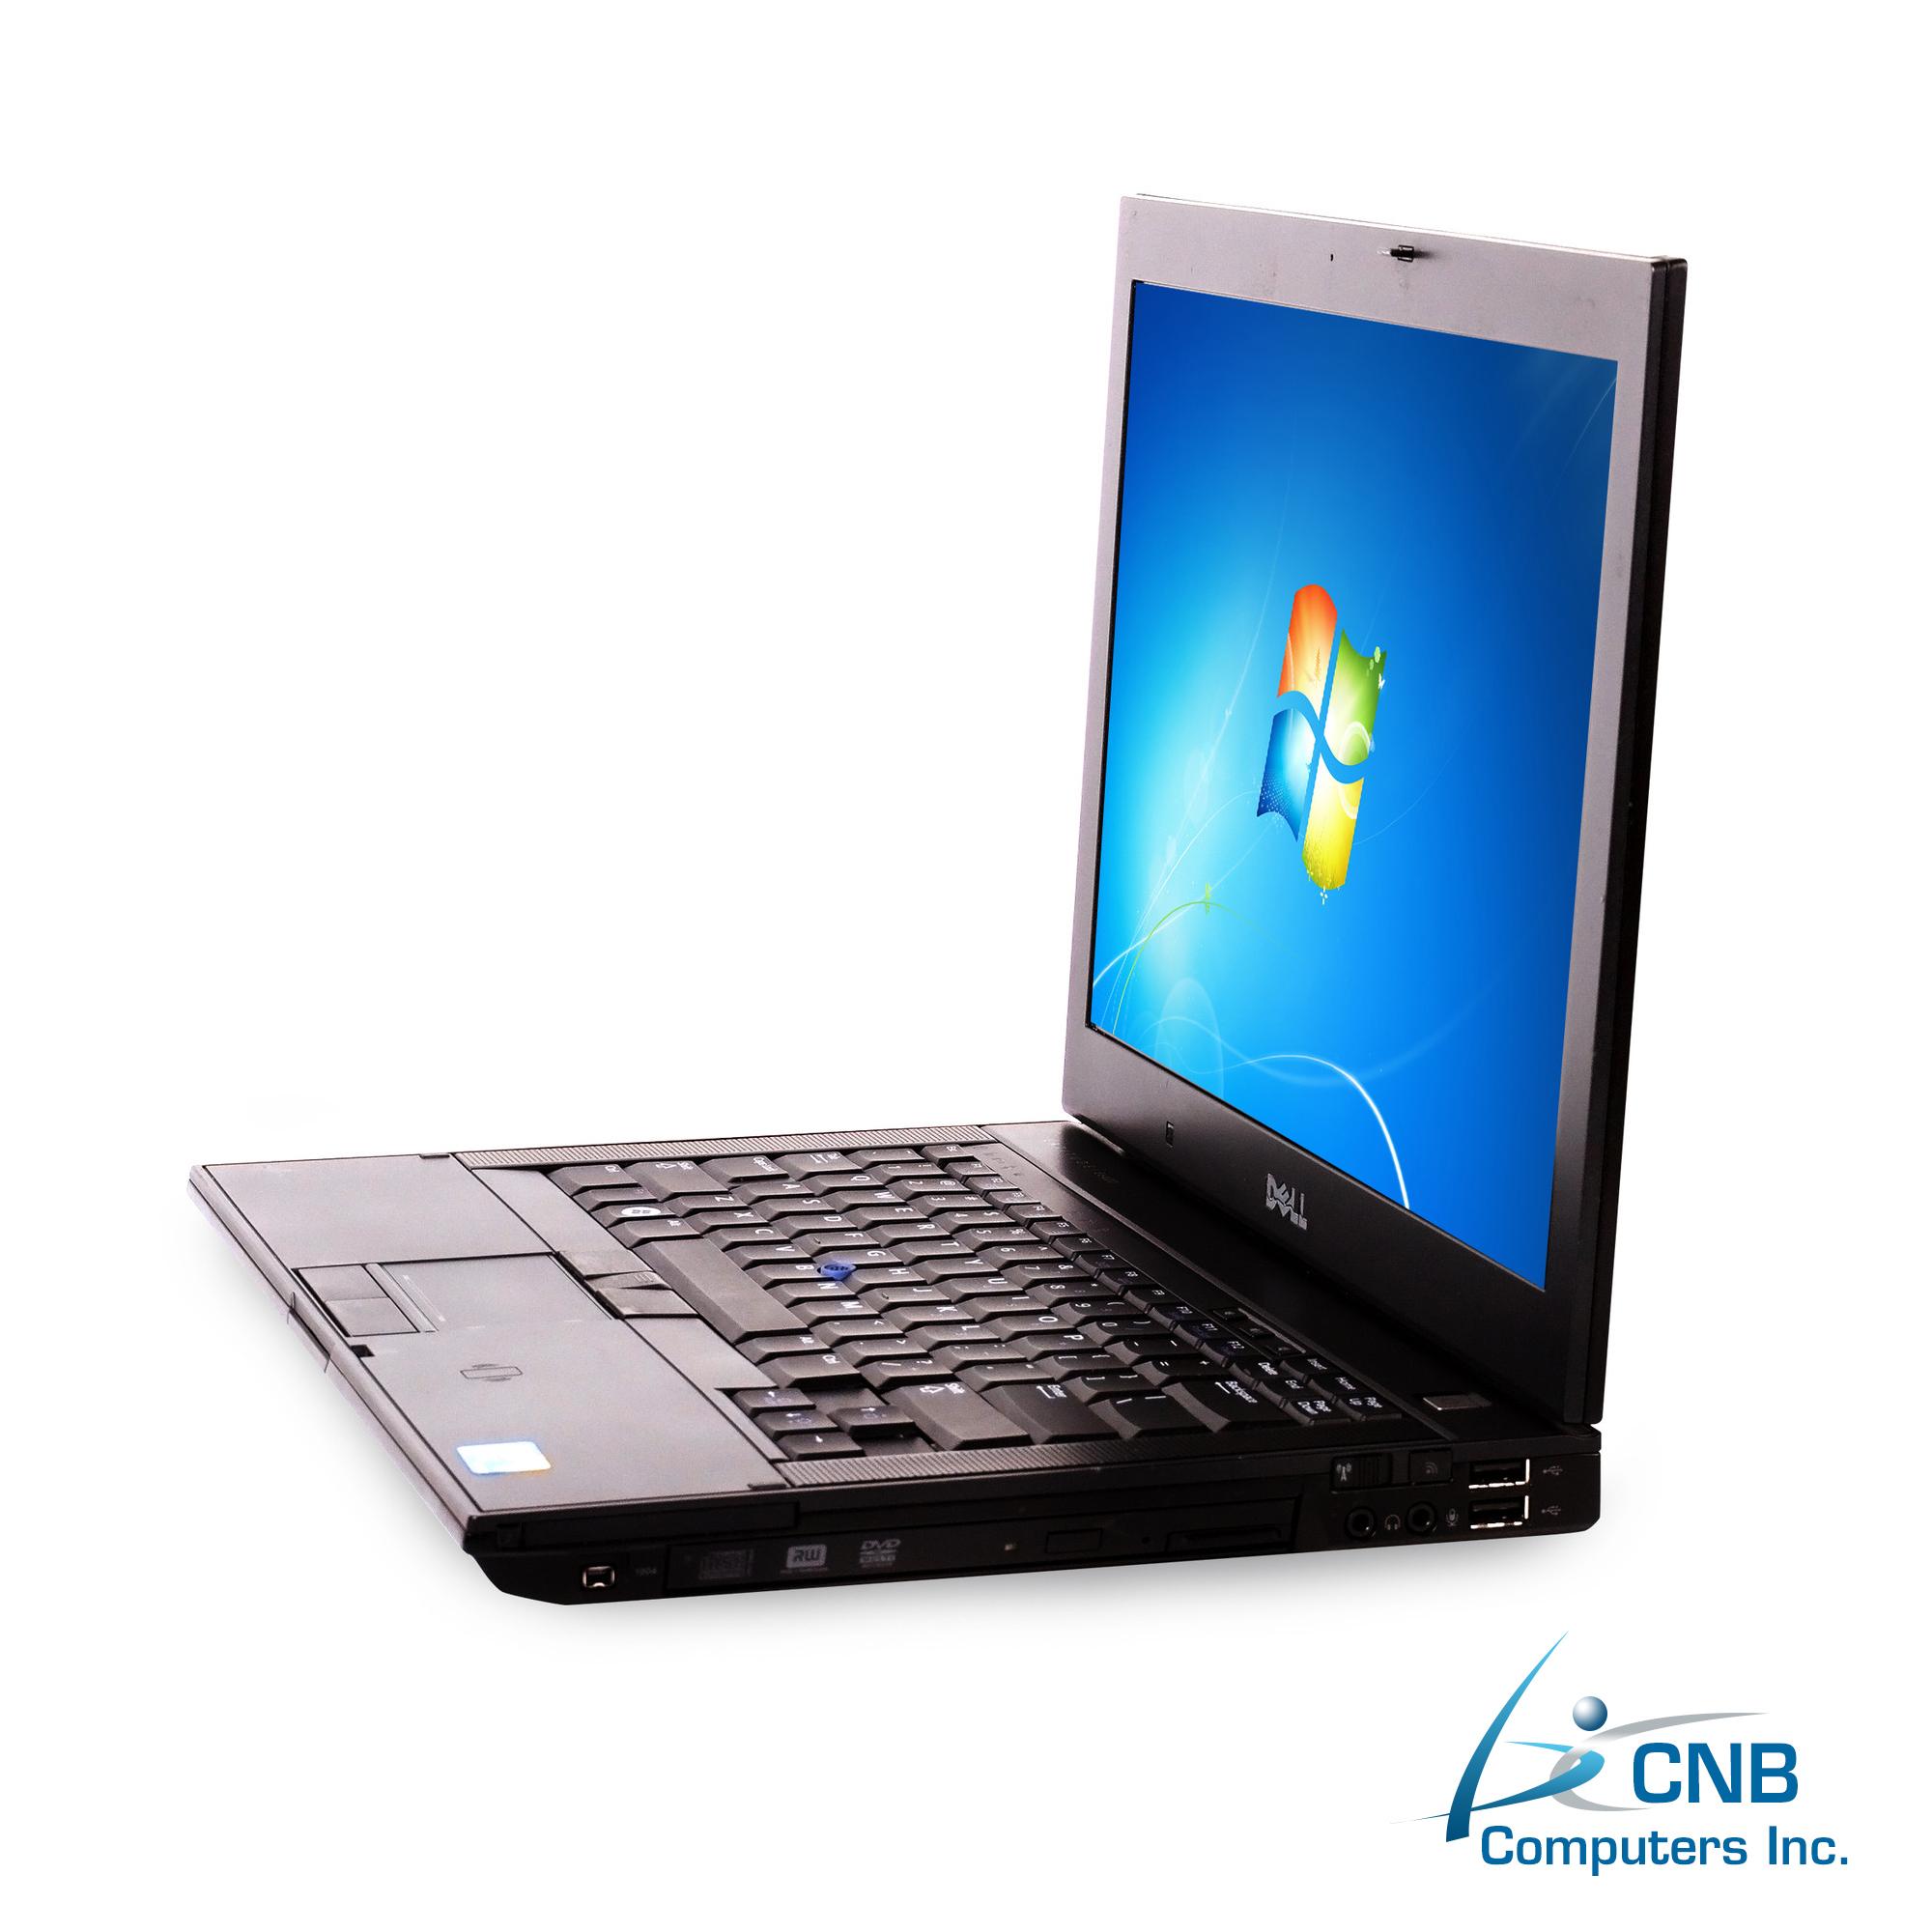 dell latitude e6400 laptop 2gb 160gb hdd intel core 2. Black Bedroom Furniture Sets. Home Design Ideas